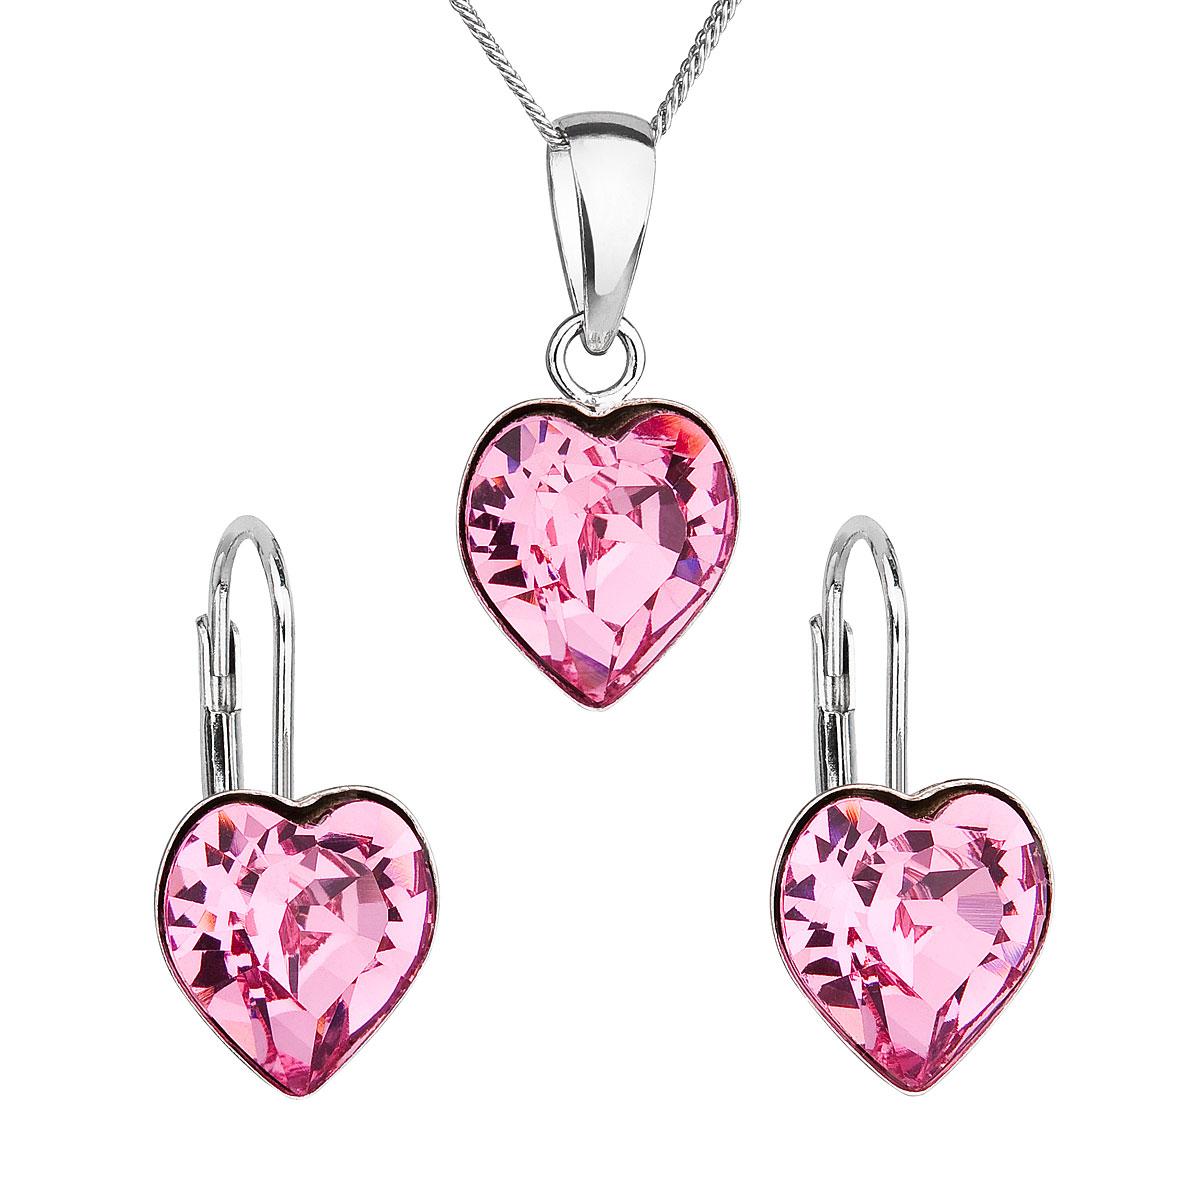 Sada šperkov s krištáľmi Swarovski náušnice, retiazka a prívesok ružové srdce 39141.3